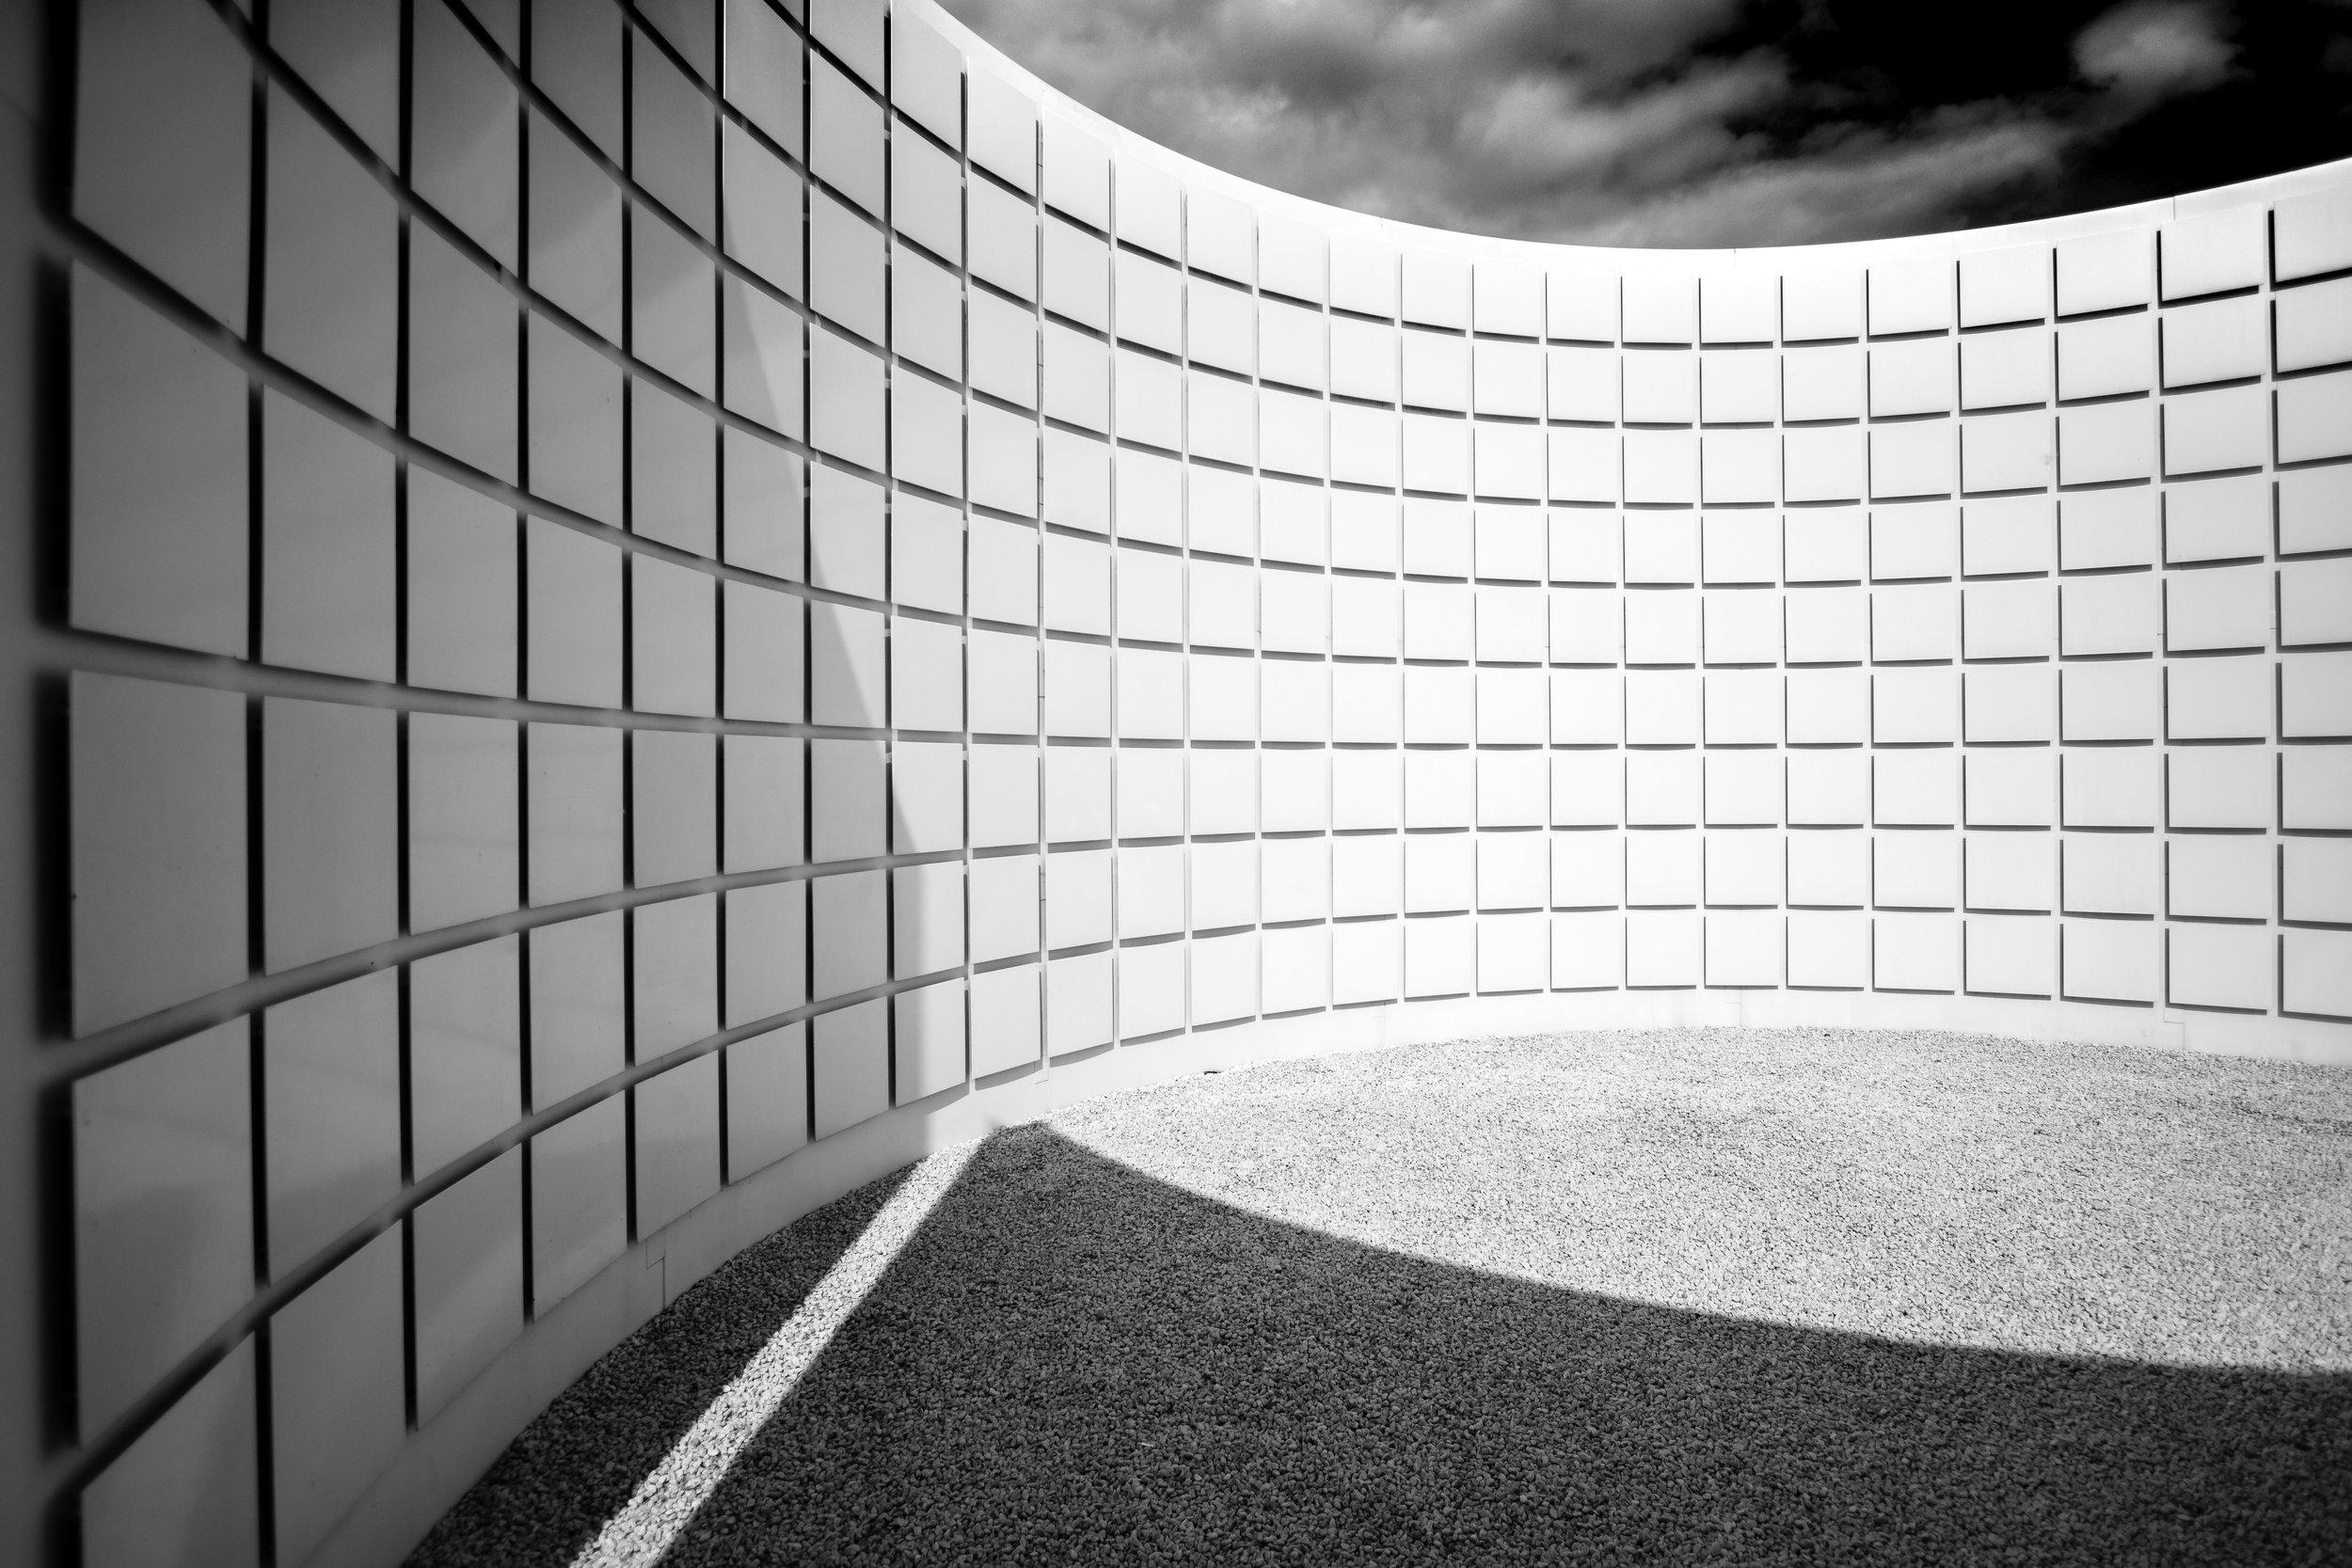 viewfinder-creativeboody-memento-doorkijkkerkje-borgloon-11.jpg